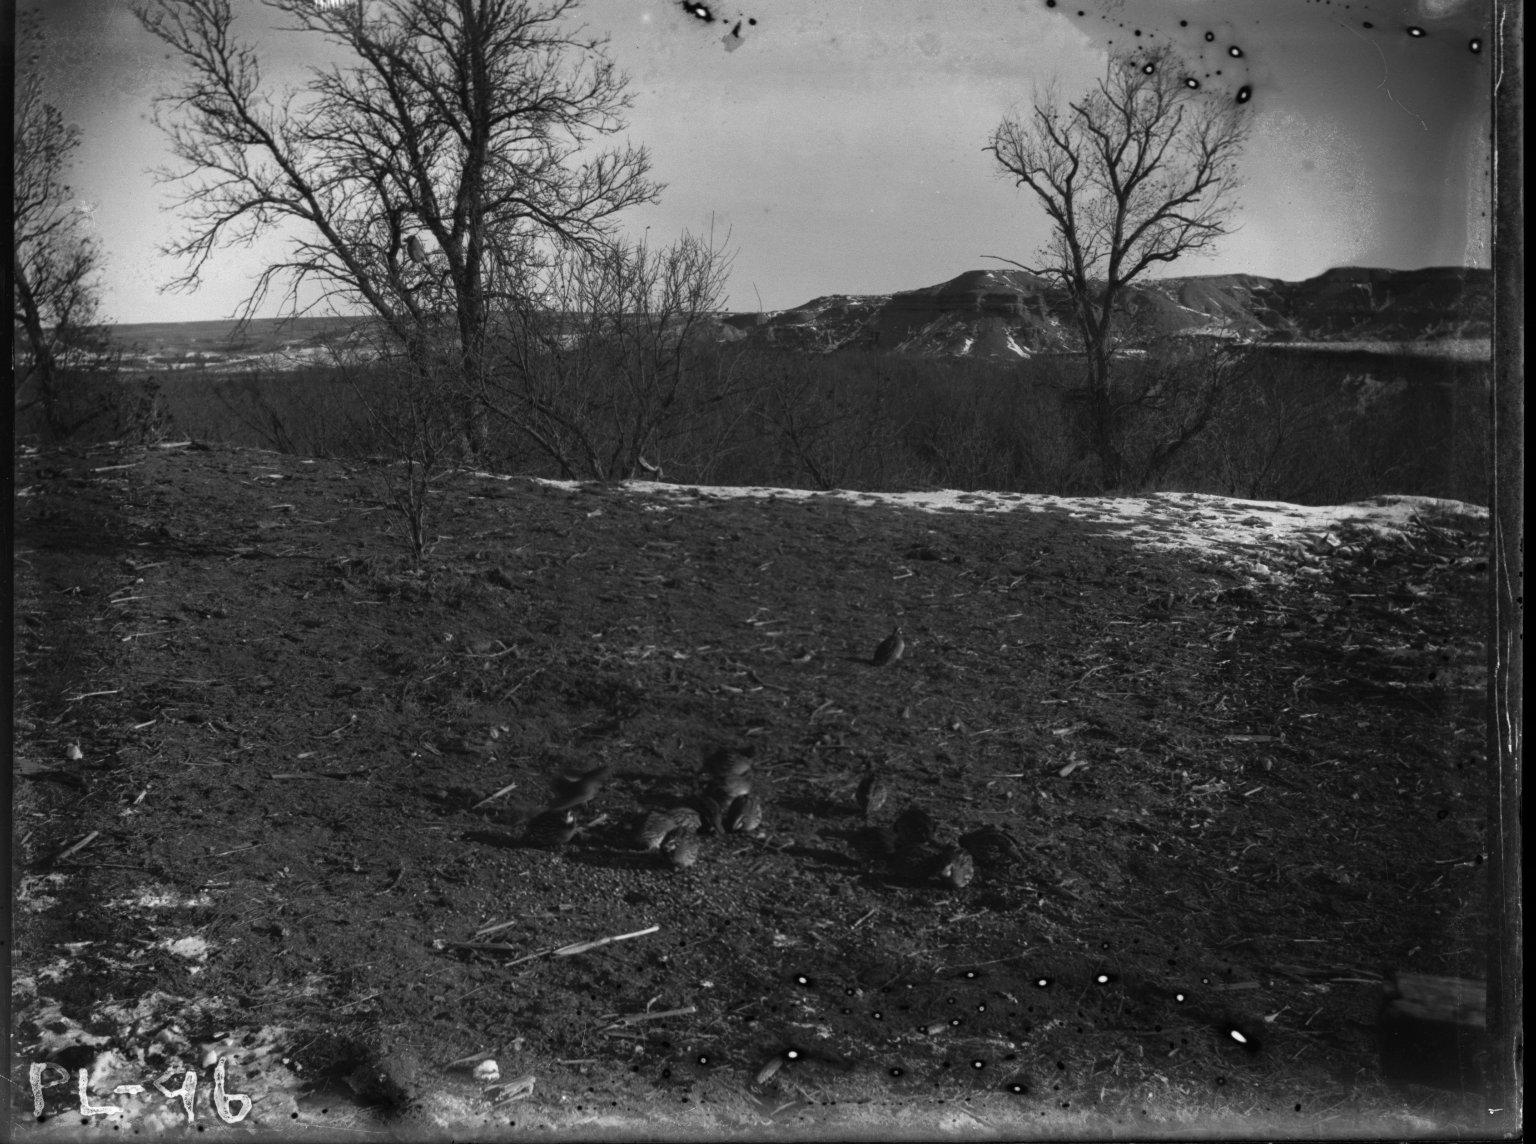 Quails feeding in a field